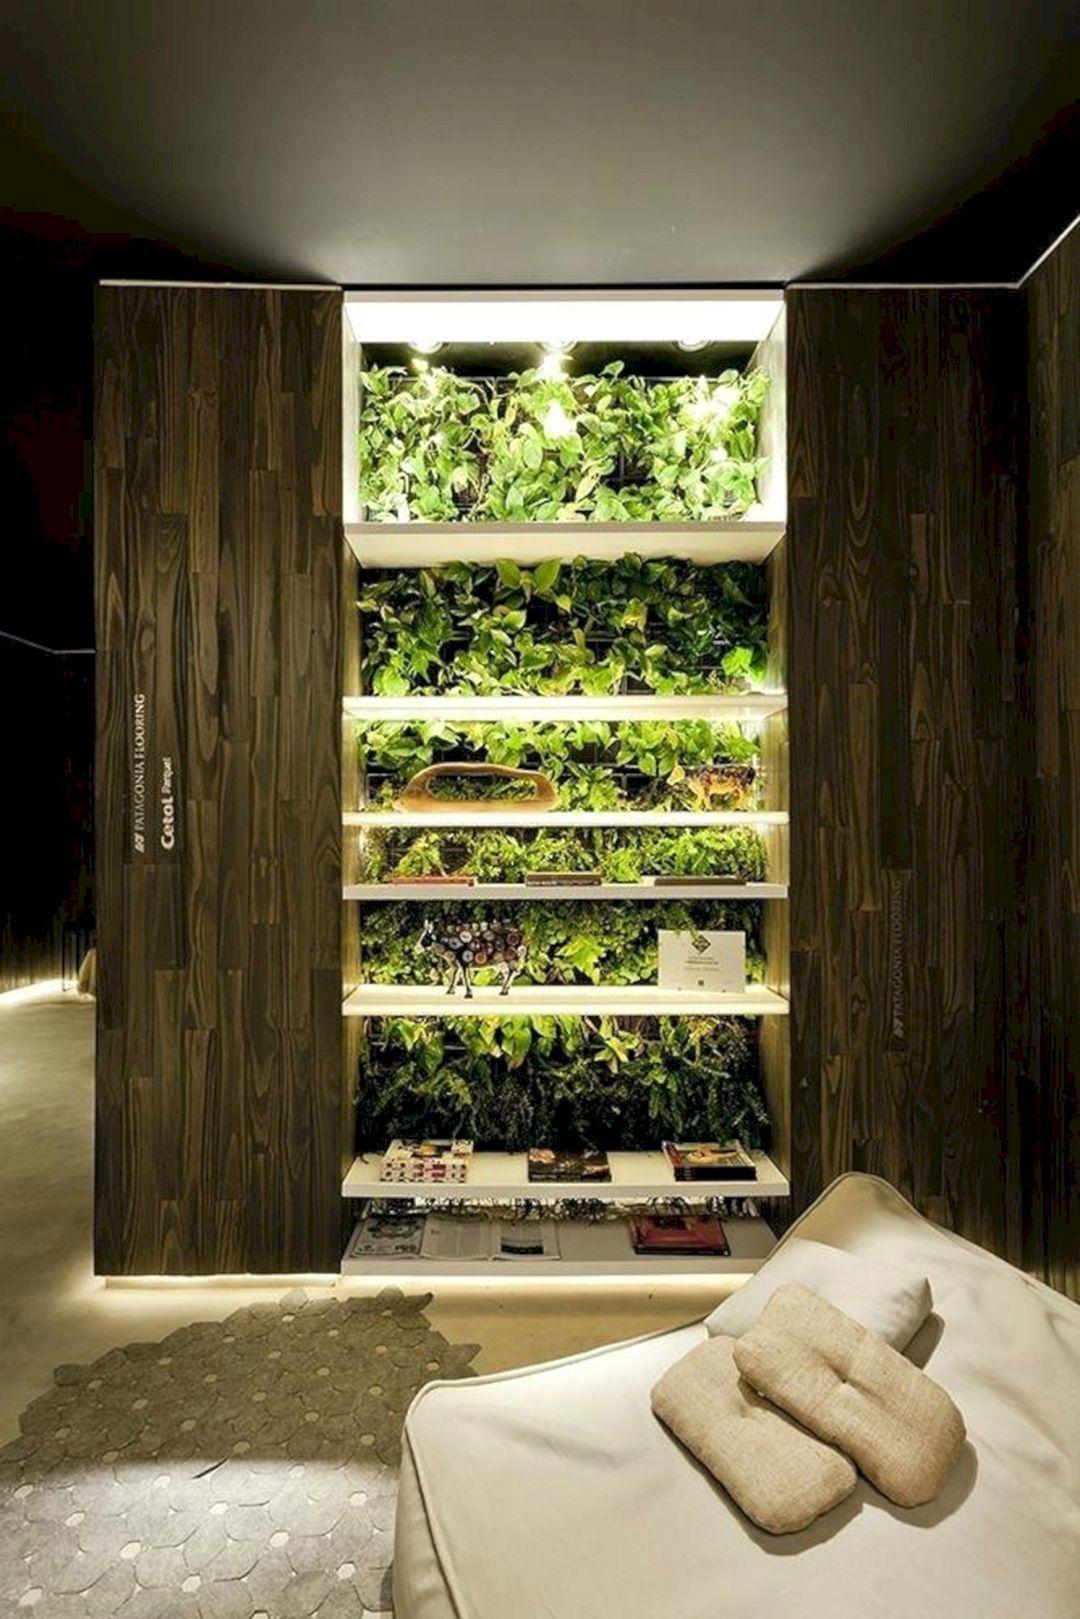 indoor hydroponic wall garden 17 vertical garden indoor on indoor vertical garden wall diy id=47776